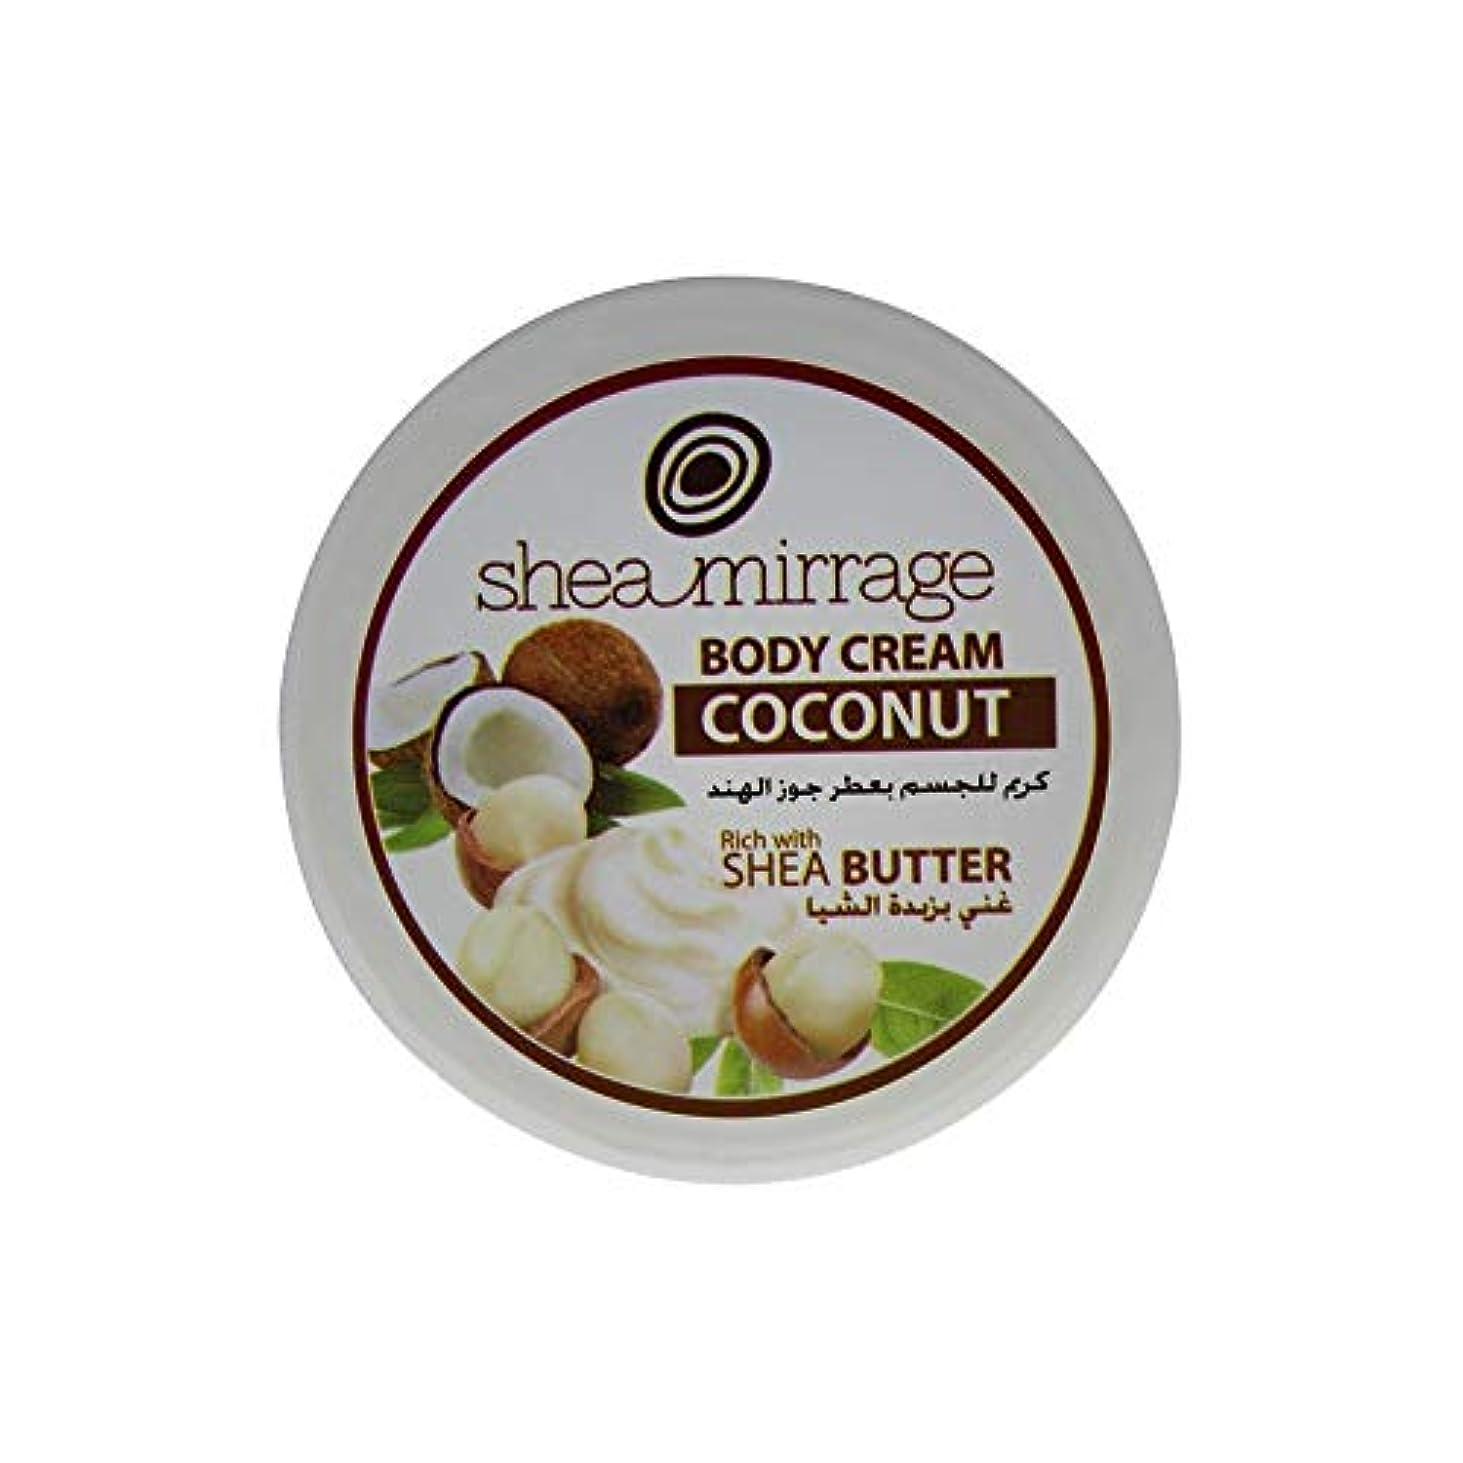 残酷学生困惑するBody Cream Coconut